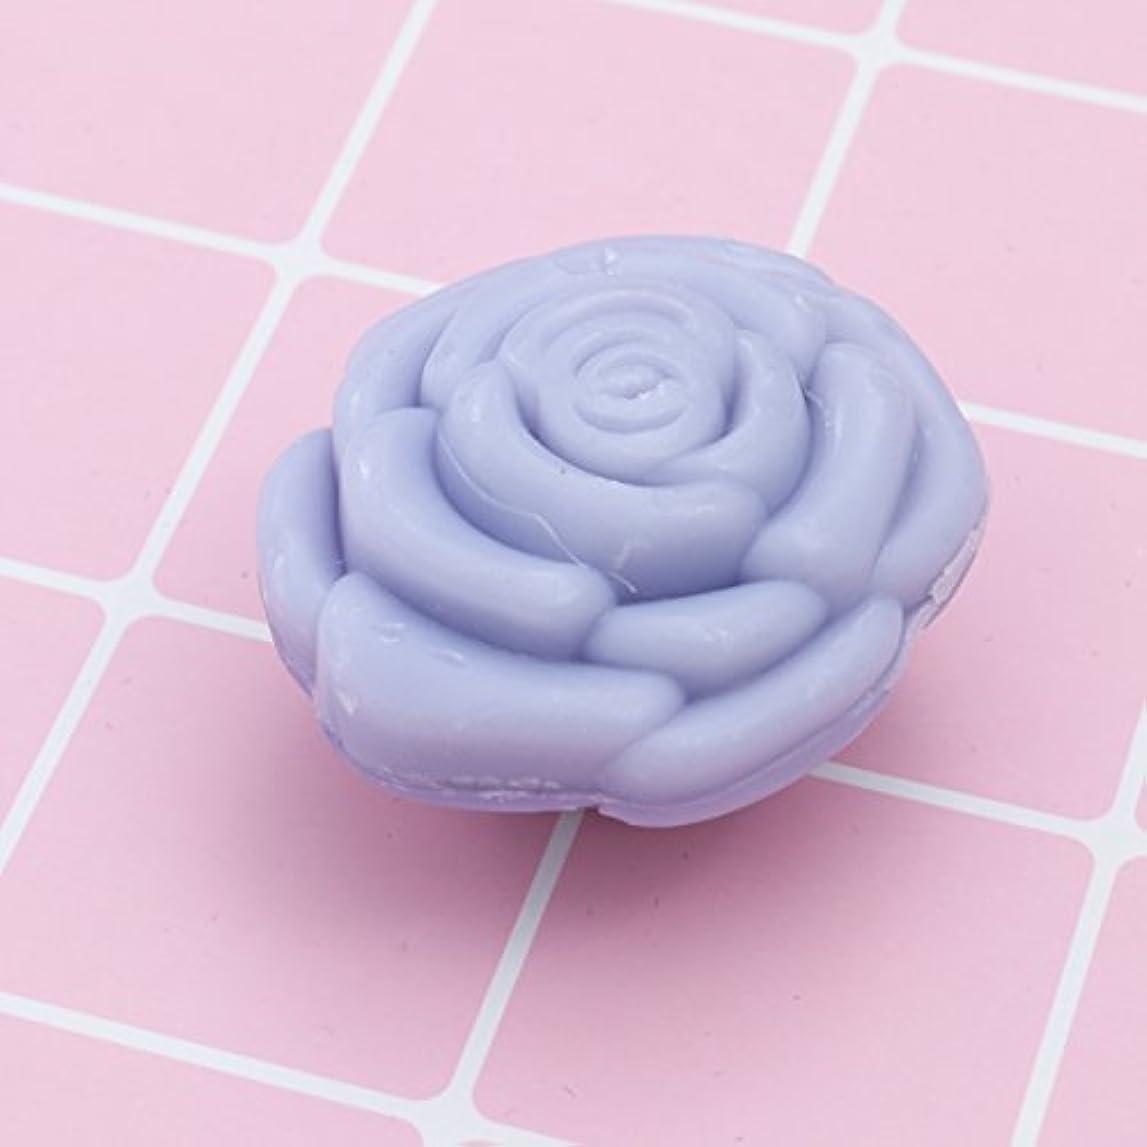 実現可能彫刻ヘアAmosfun 手作り石鹸オイルローズフラワーソープアロマエッセンシャルオイルギフト記念日誕生日結婚式バレンタインデー(紫)20ピース